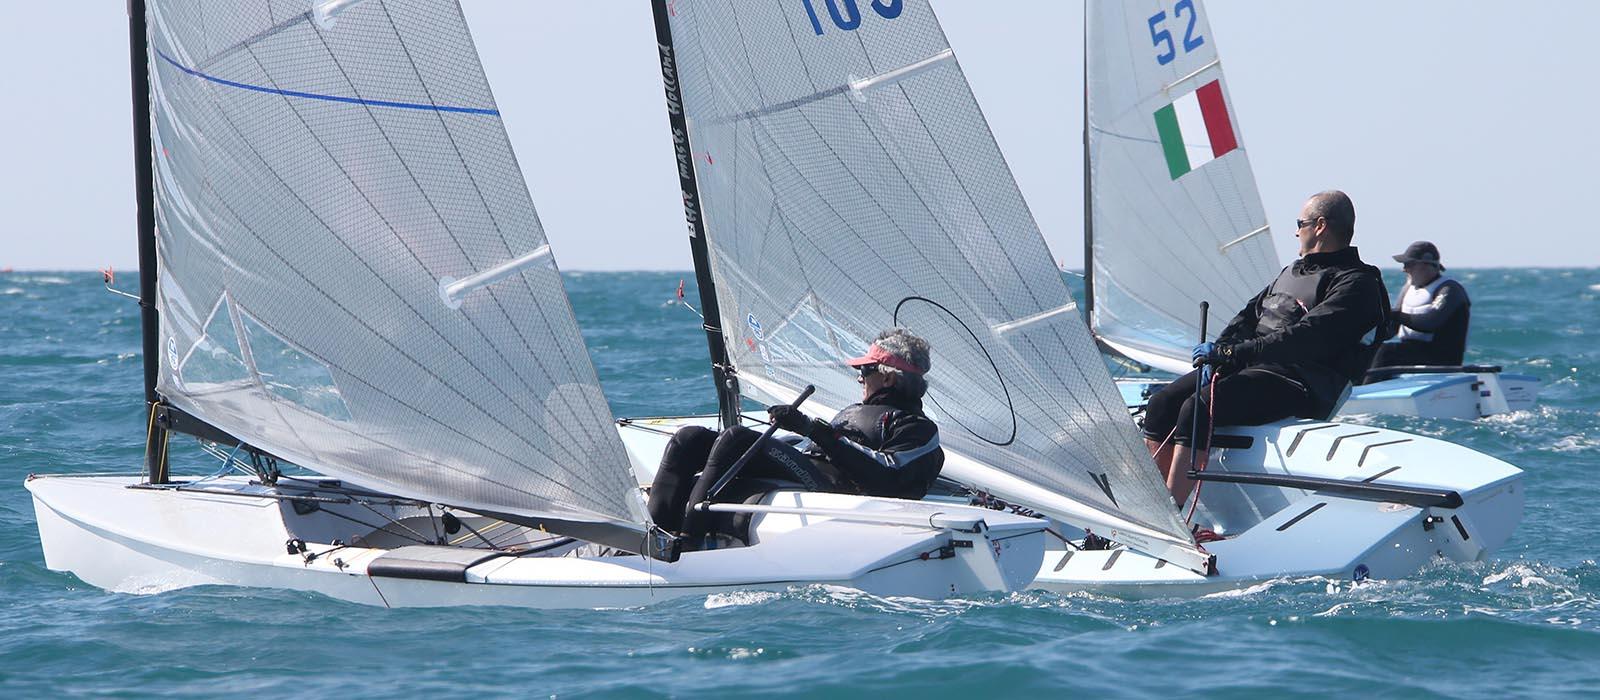 Associazione Italiana Classe Finn A31V0585